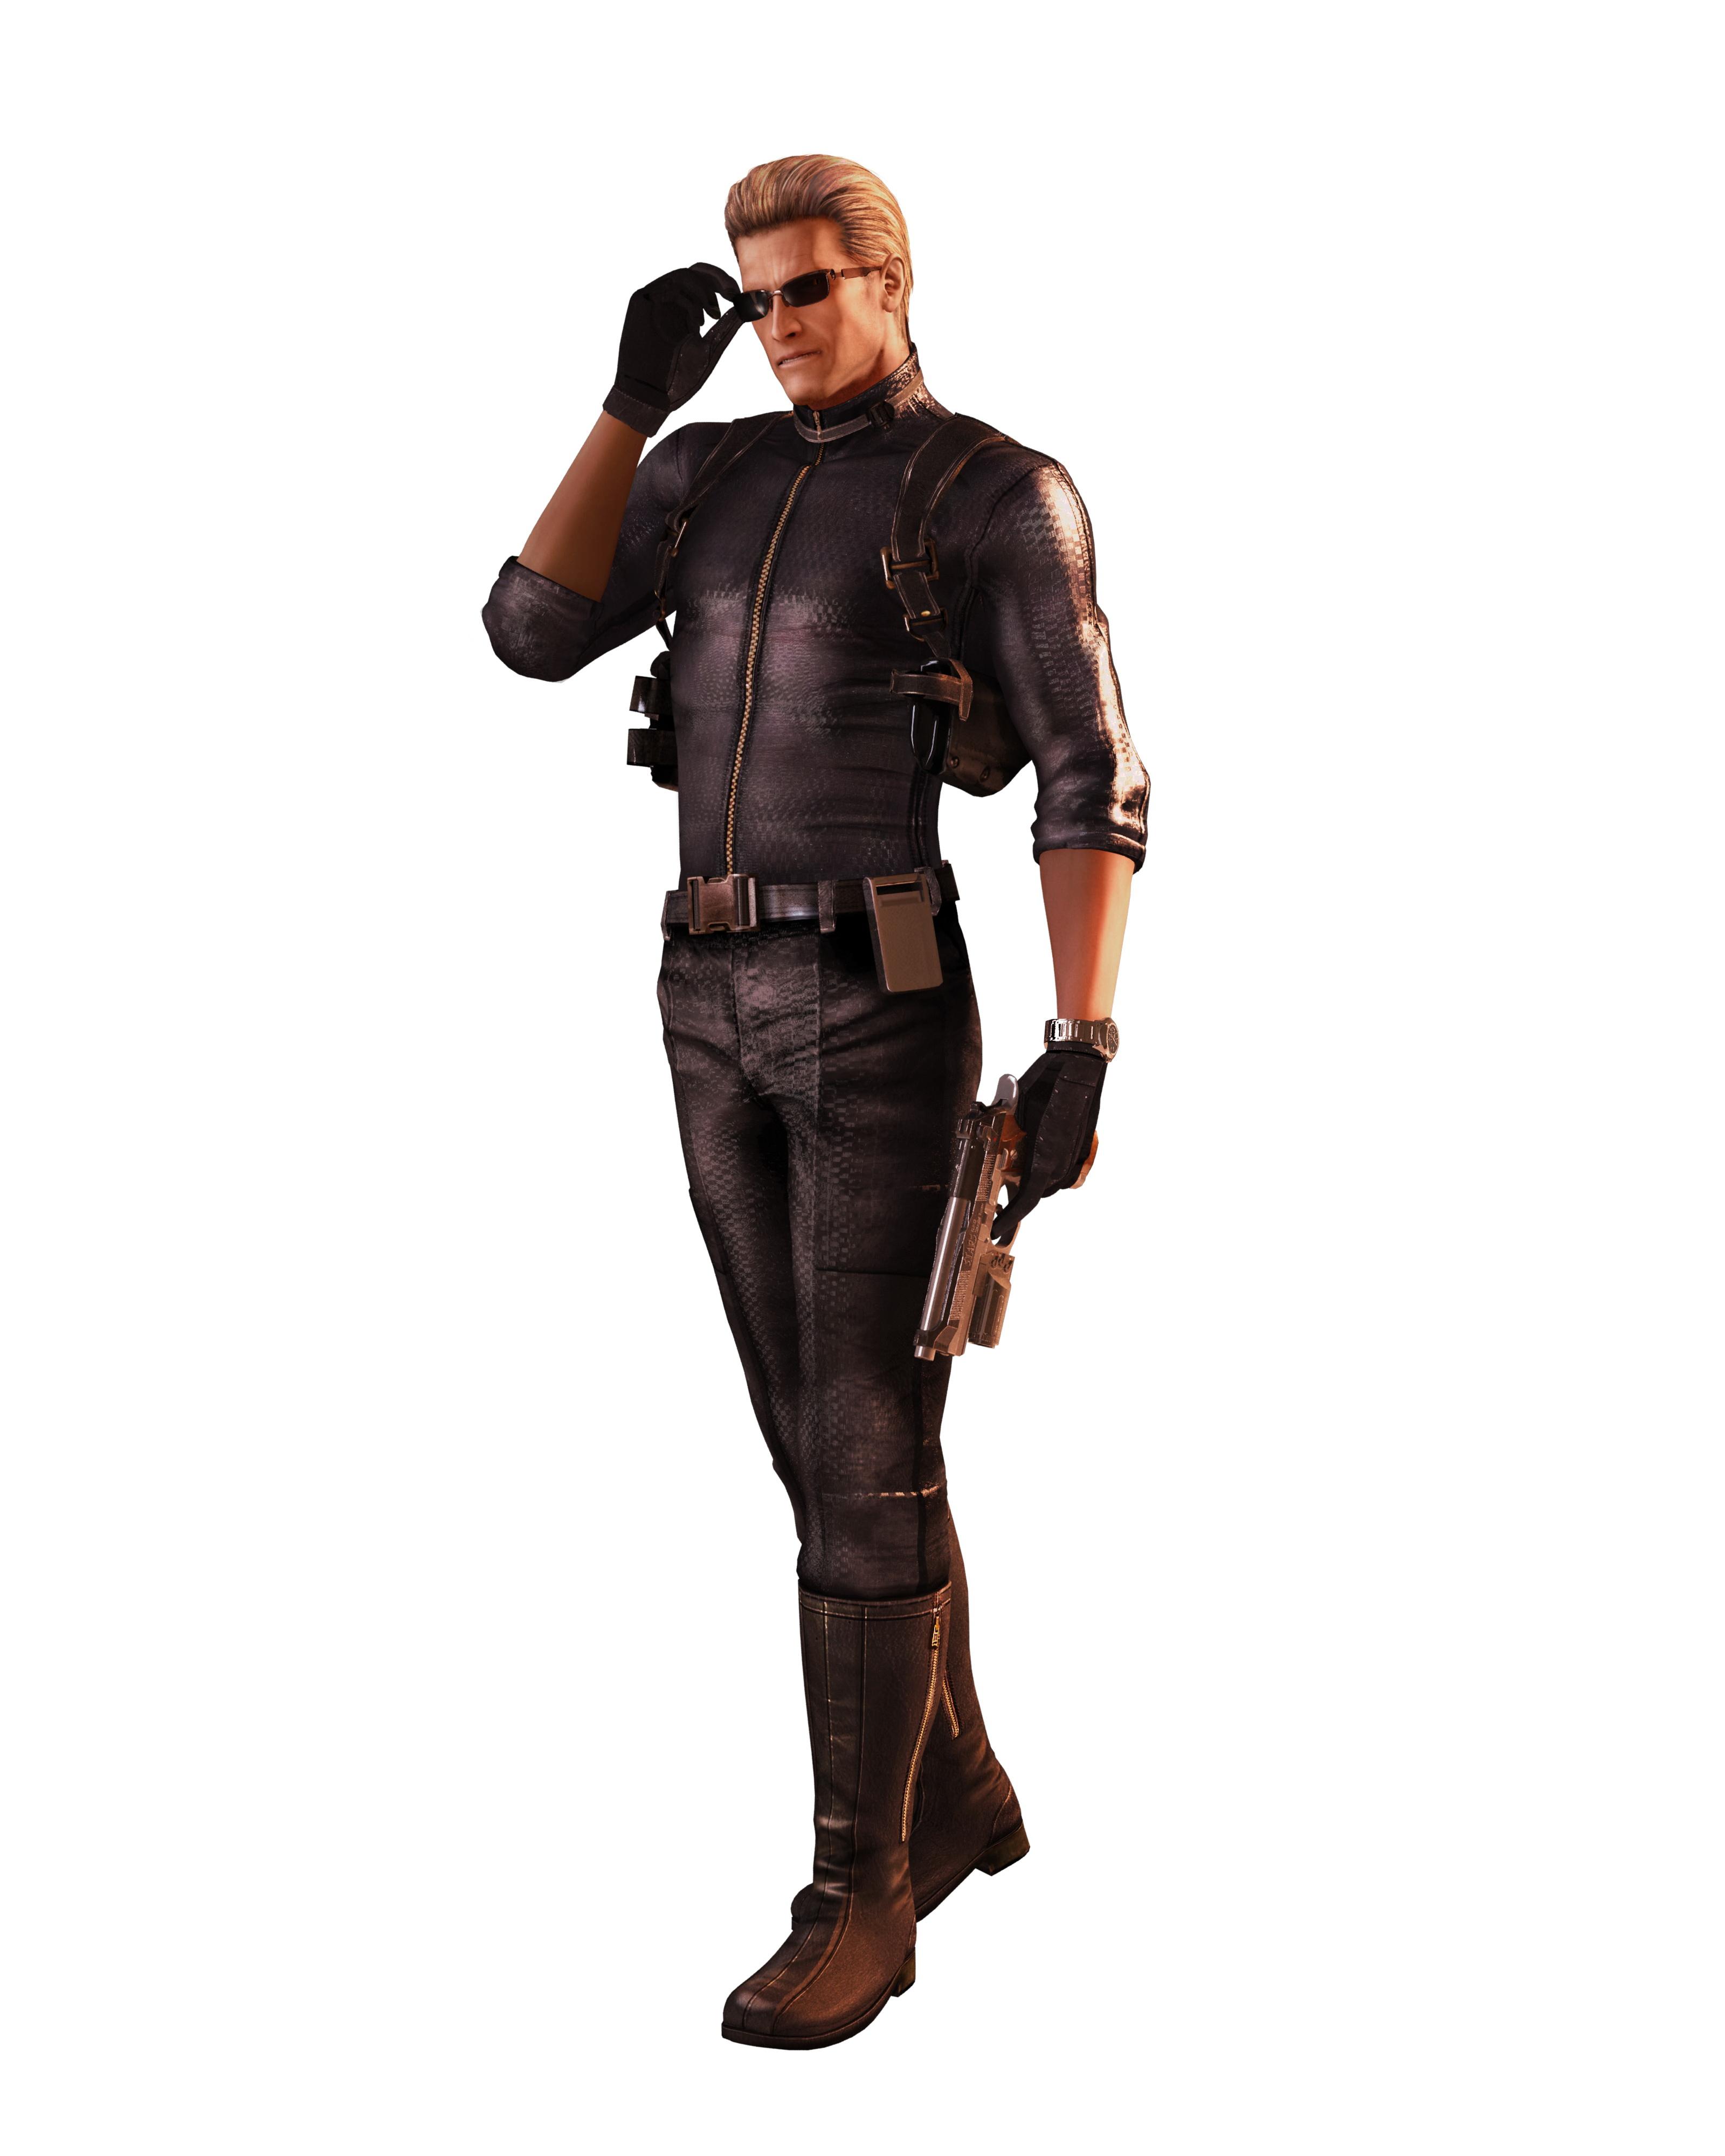 ResidentEvil-TheMercenaries3D 3DS Visuel 006